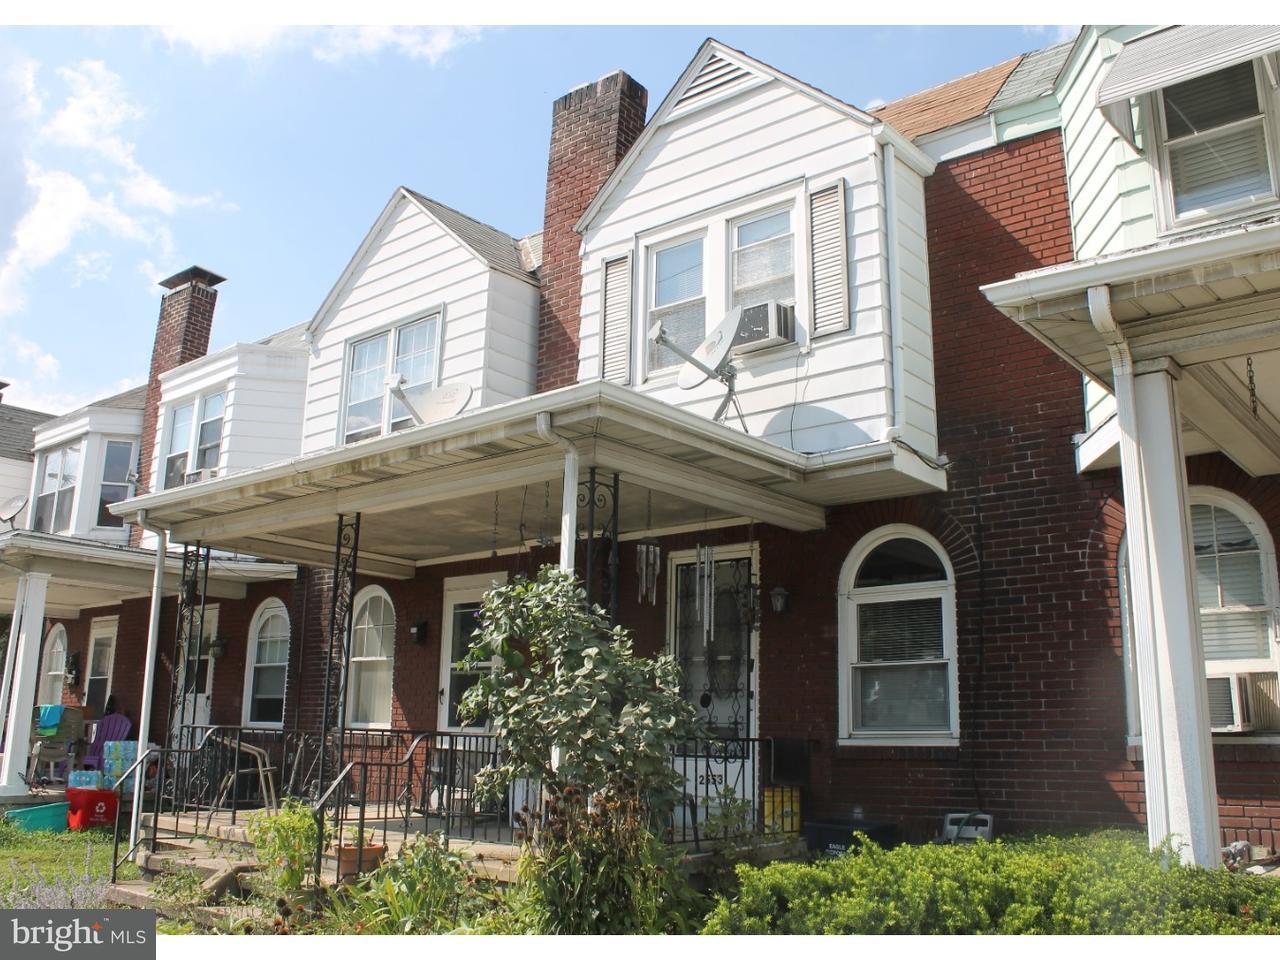 联栋屋 为 销售 在 2553 PERKIOMEN Avenue Mount Penn, 宾夕法尼亚州 19606 美国